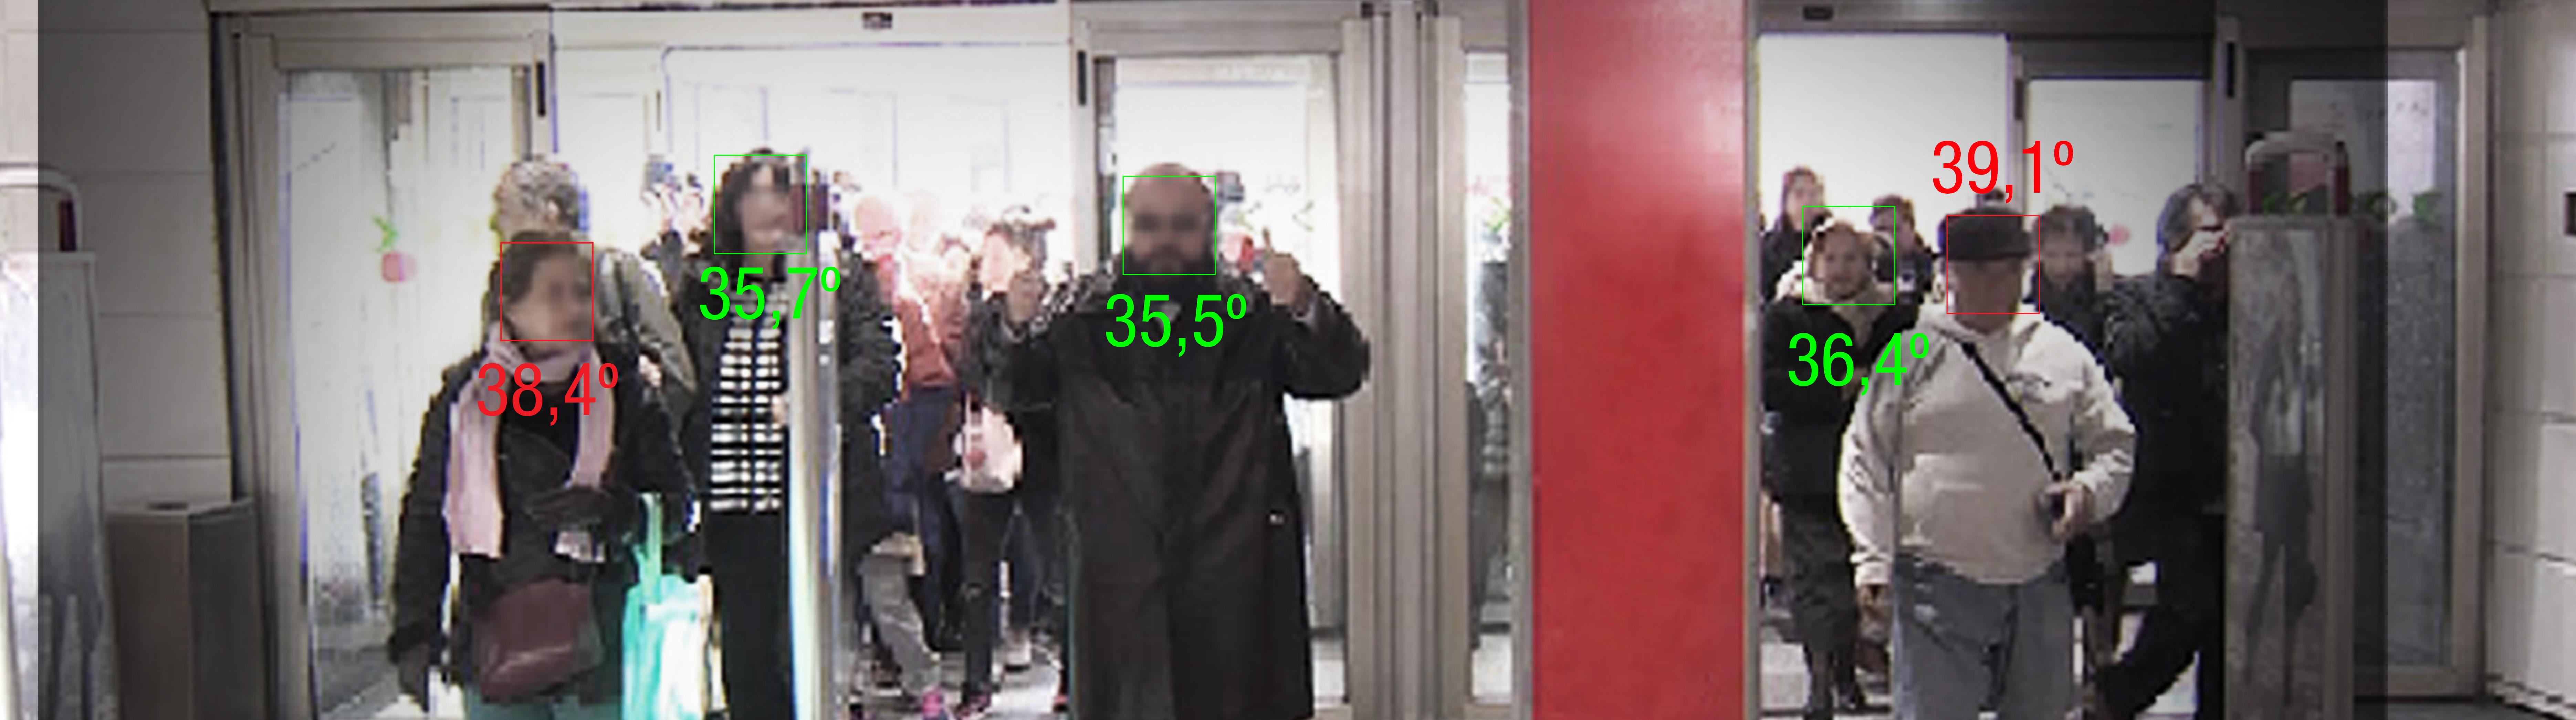 cámaras termográficas con medición de temperatura Mercasat